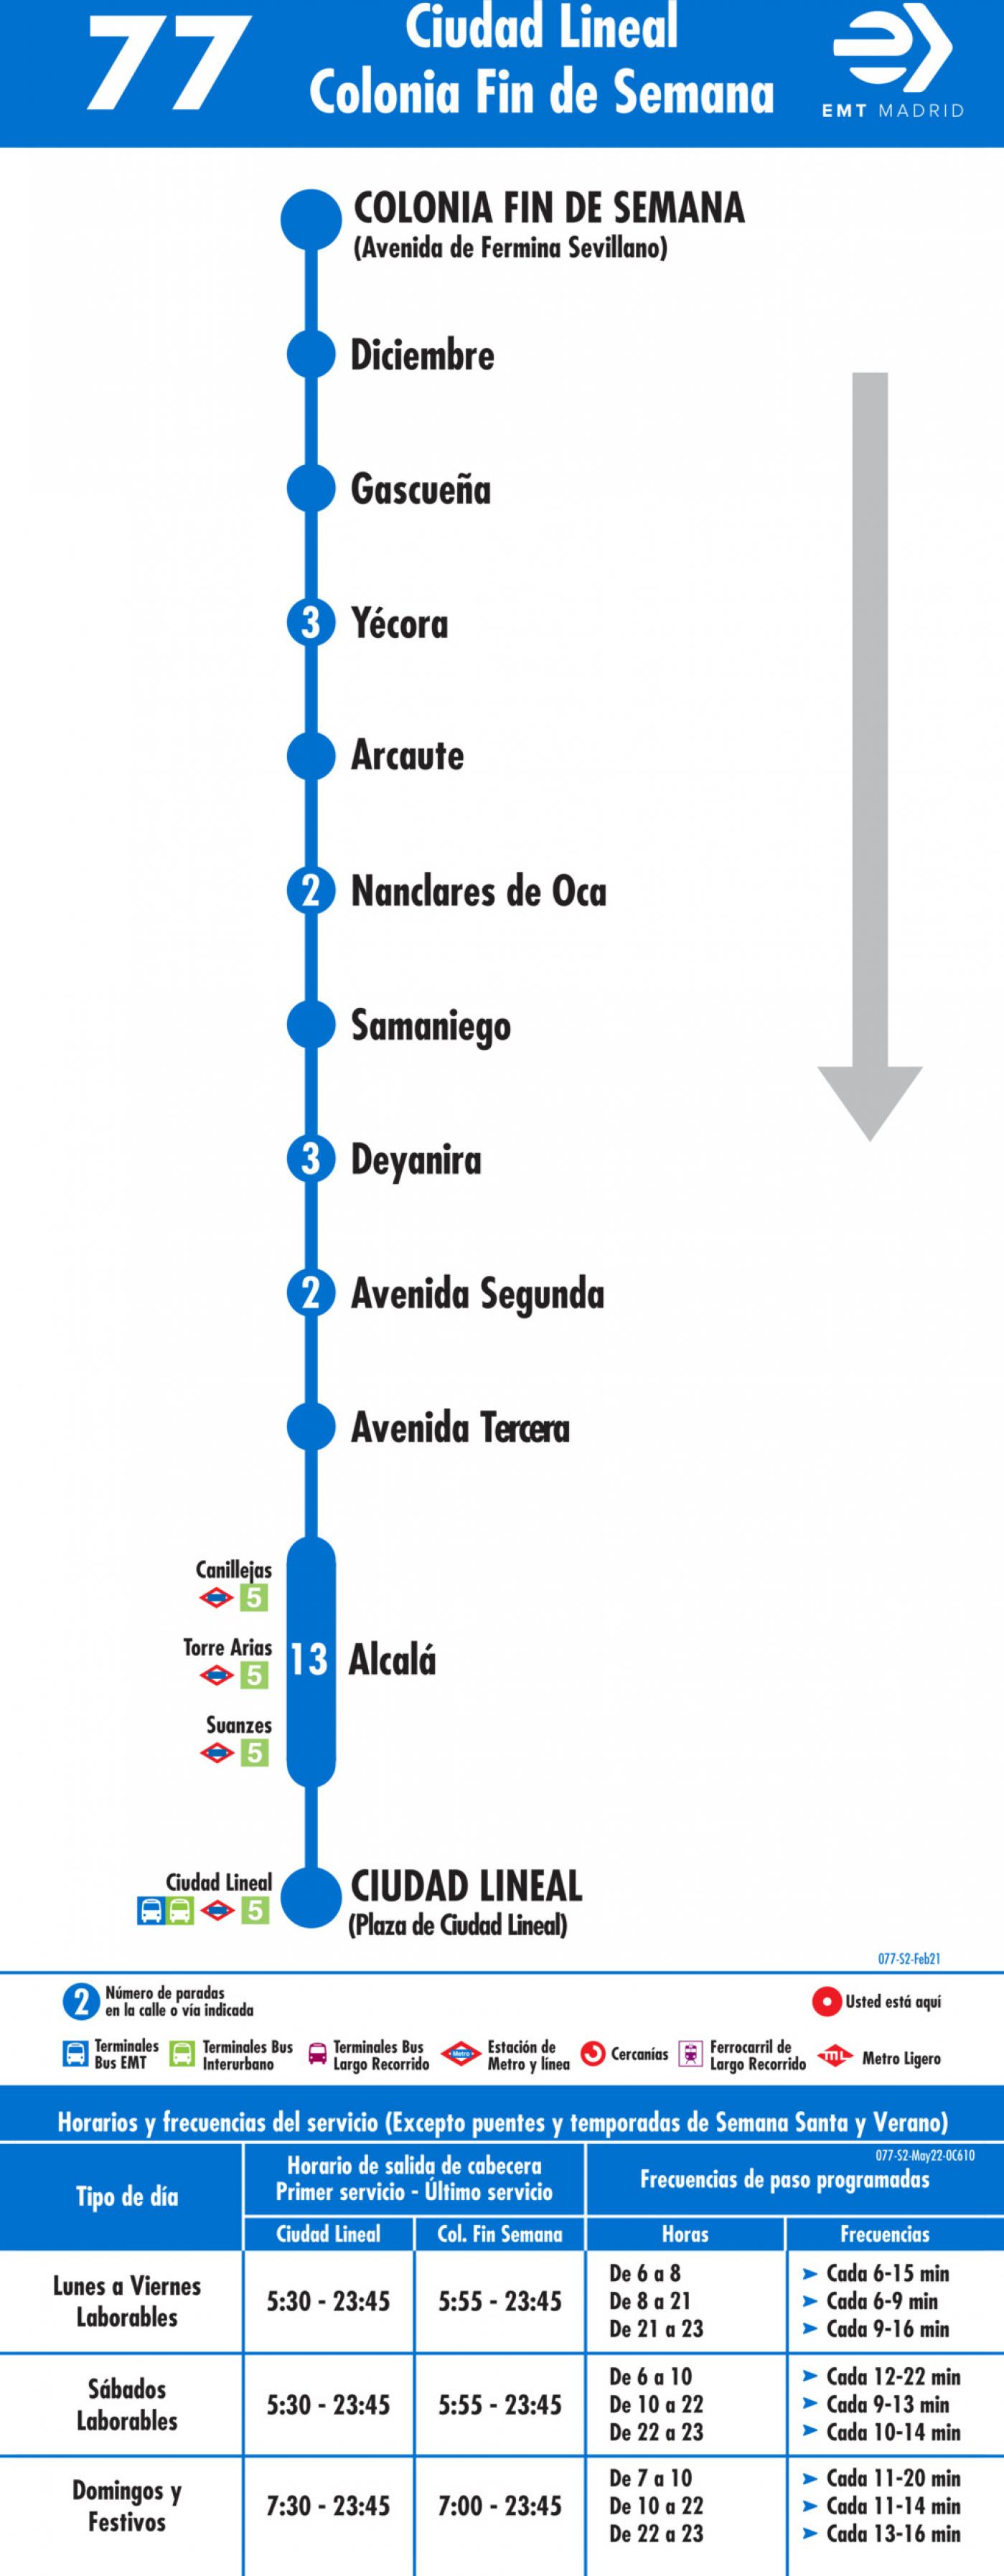 Tabla de horarios y frecuencias de paso en sentido vuelta Línea 77: Plaza de Ciudad Lineal - Colonia Fin de Semana